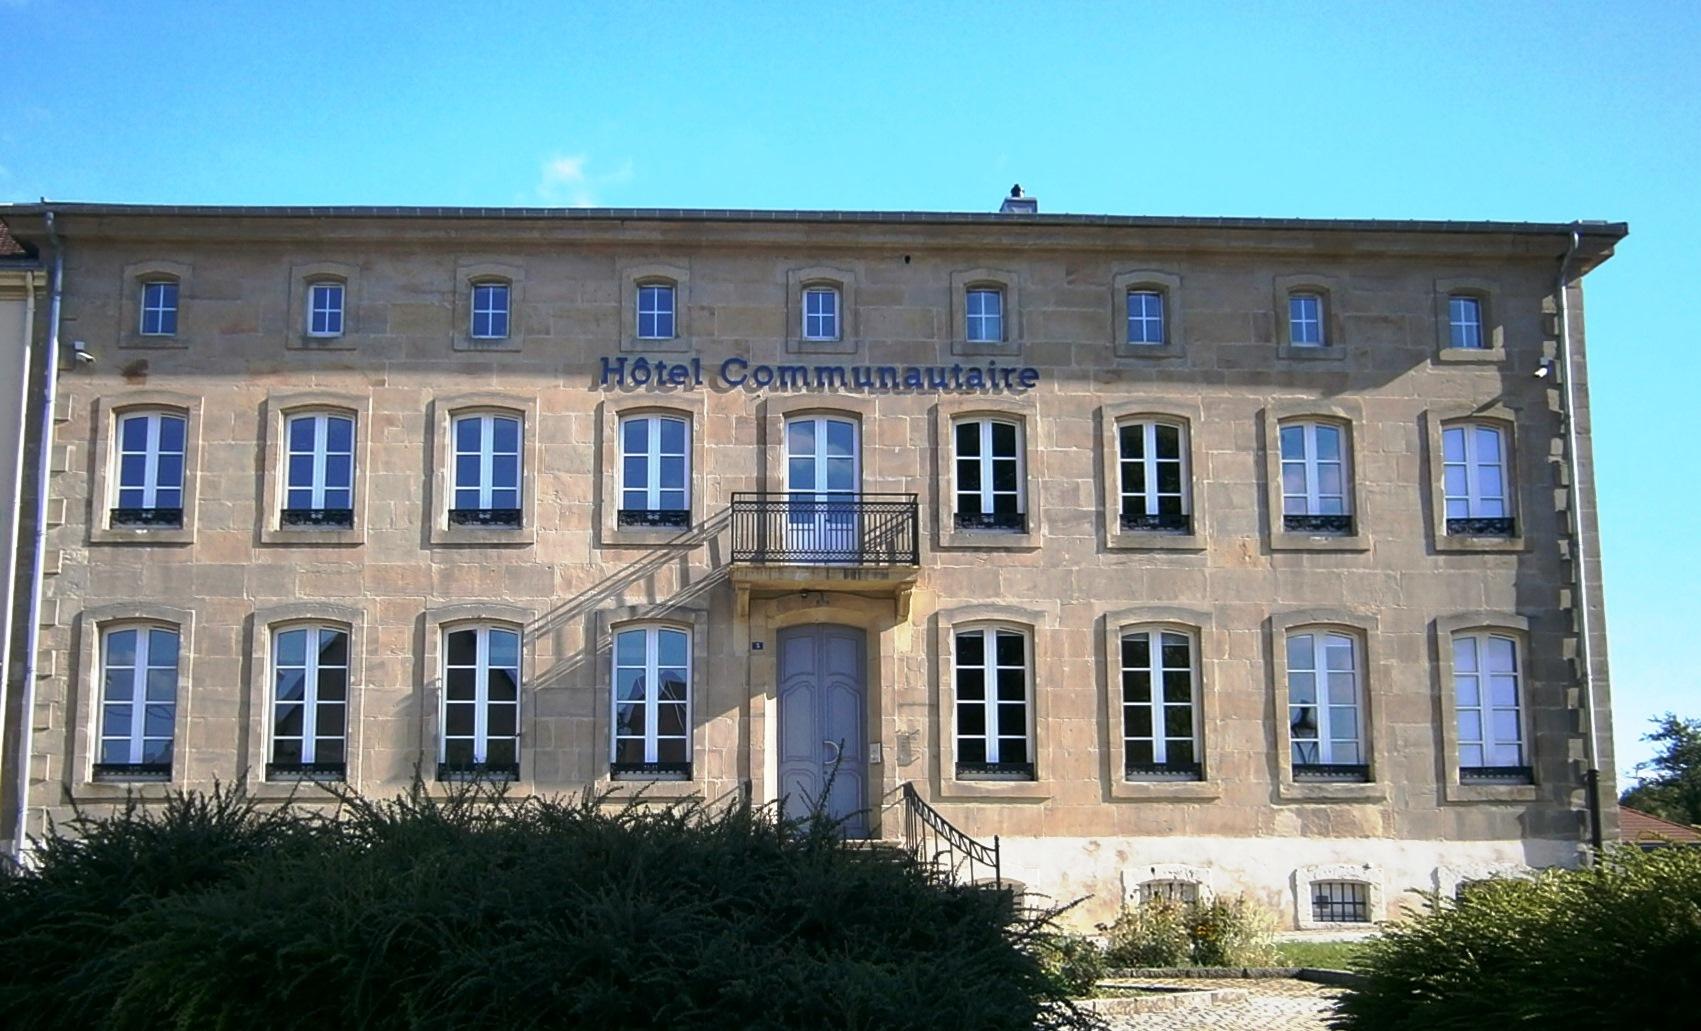 Hôtel communautaire, Communauté de Communes du Bouzonvillois, Moselle, Lorraine